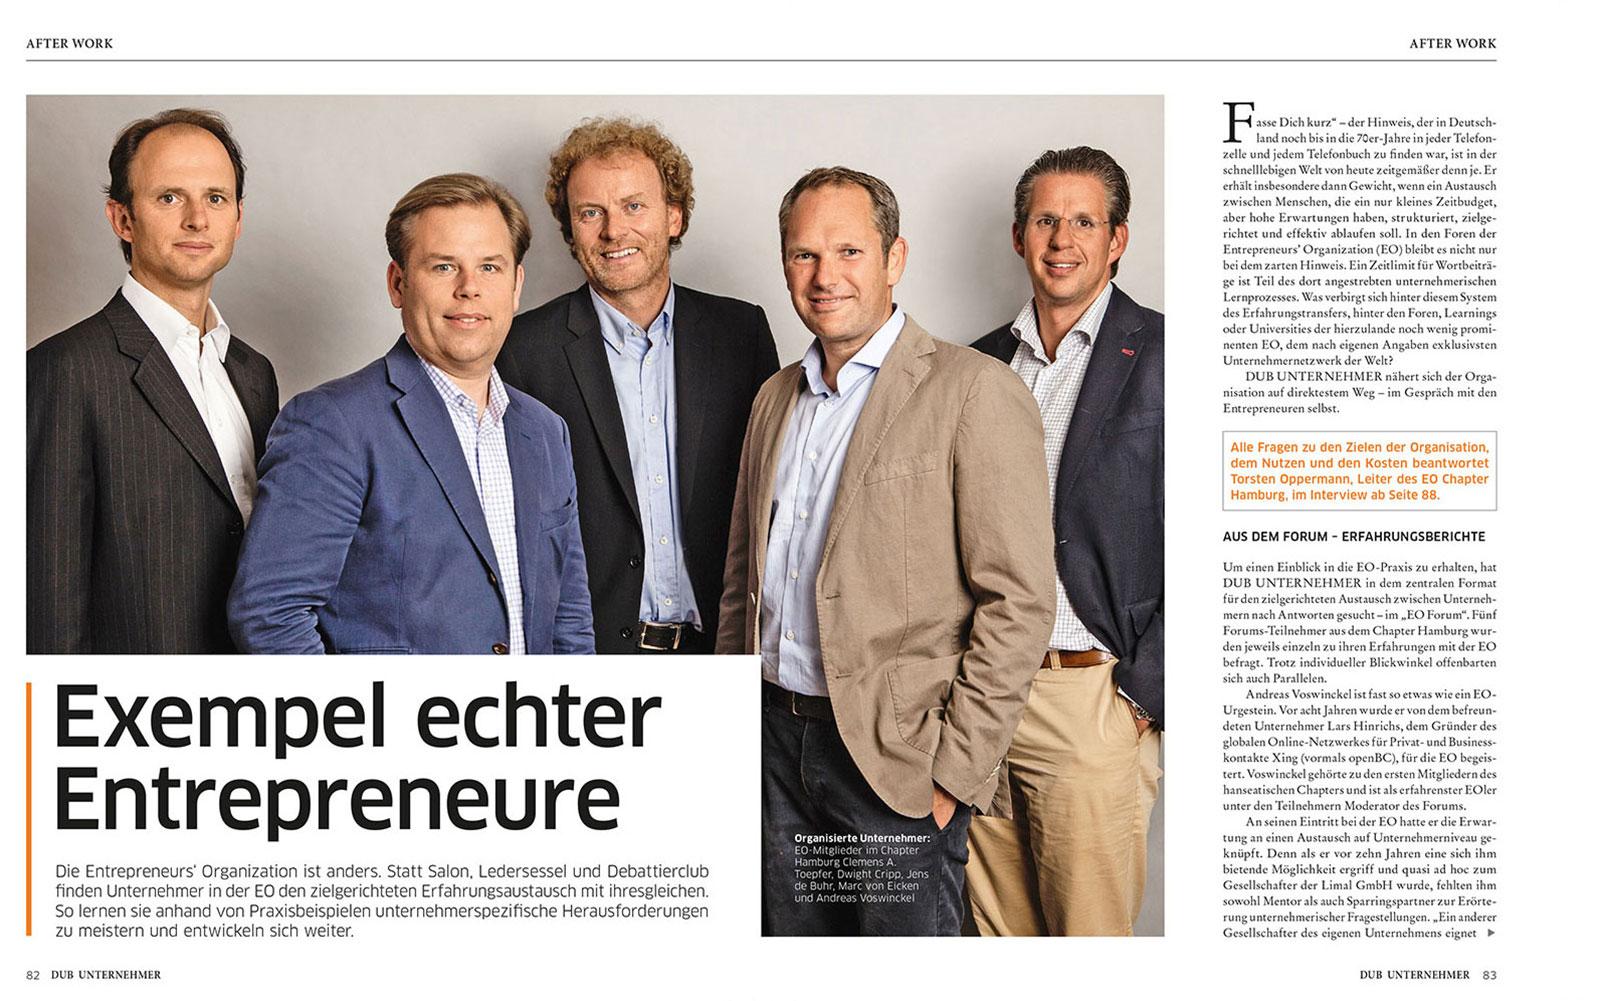 DUB - Deutsche Unternehmerbörse